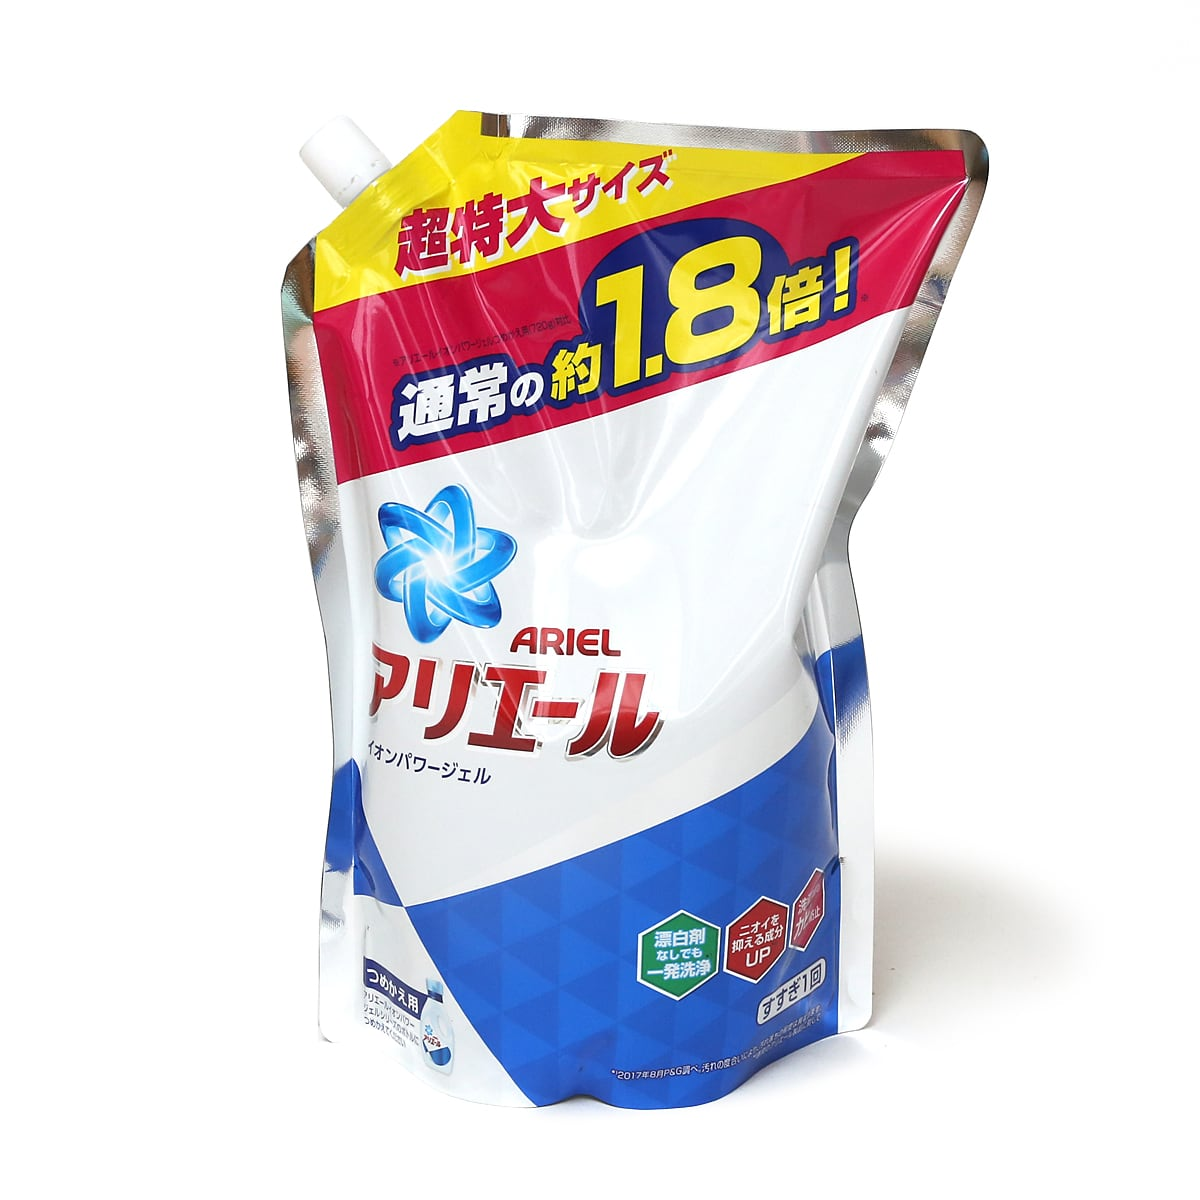 P&G コストコ限定アリエールイオンパワージェル消臭成分UP詰替え用 1.26kg×6個 1個